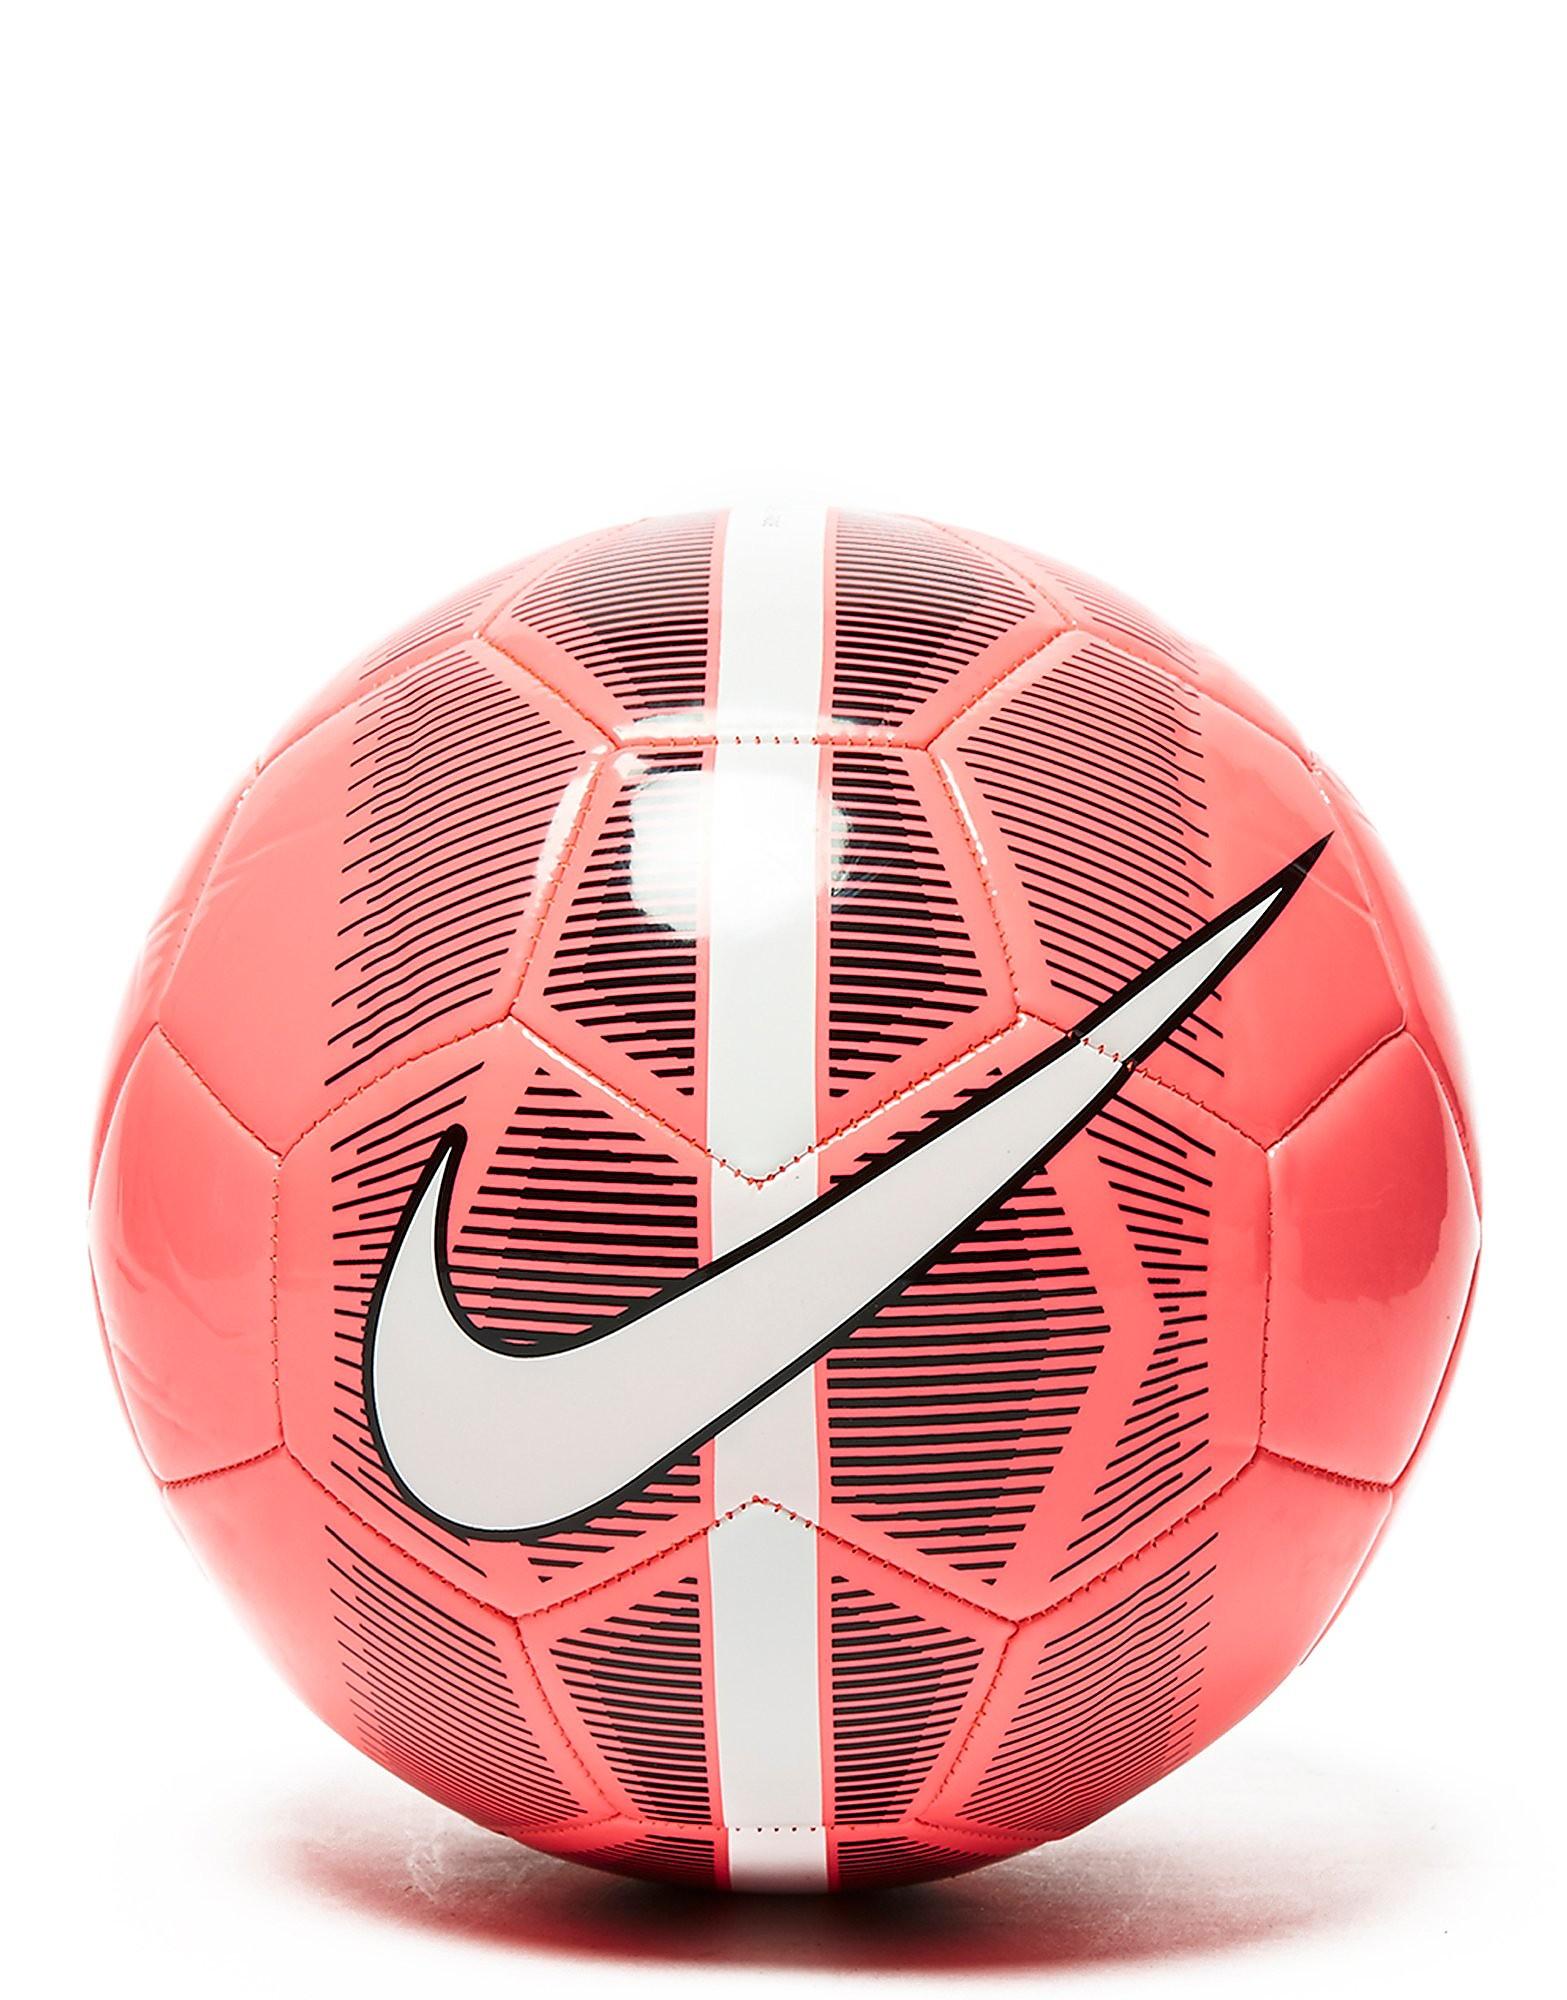 Nike Mercurial Fade Fodbold